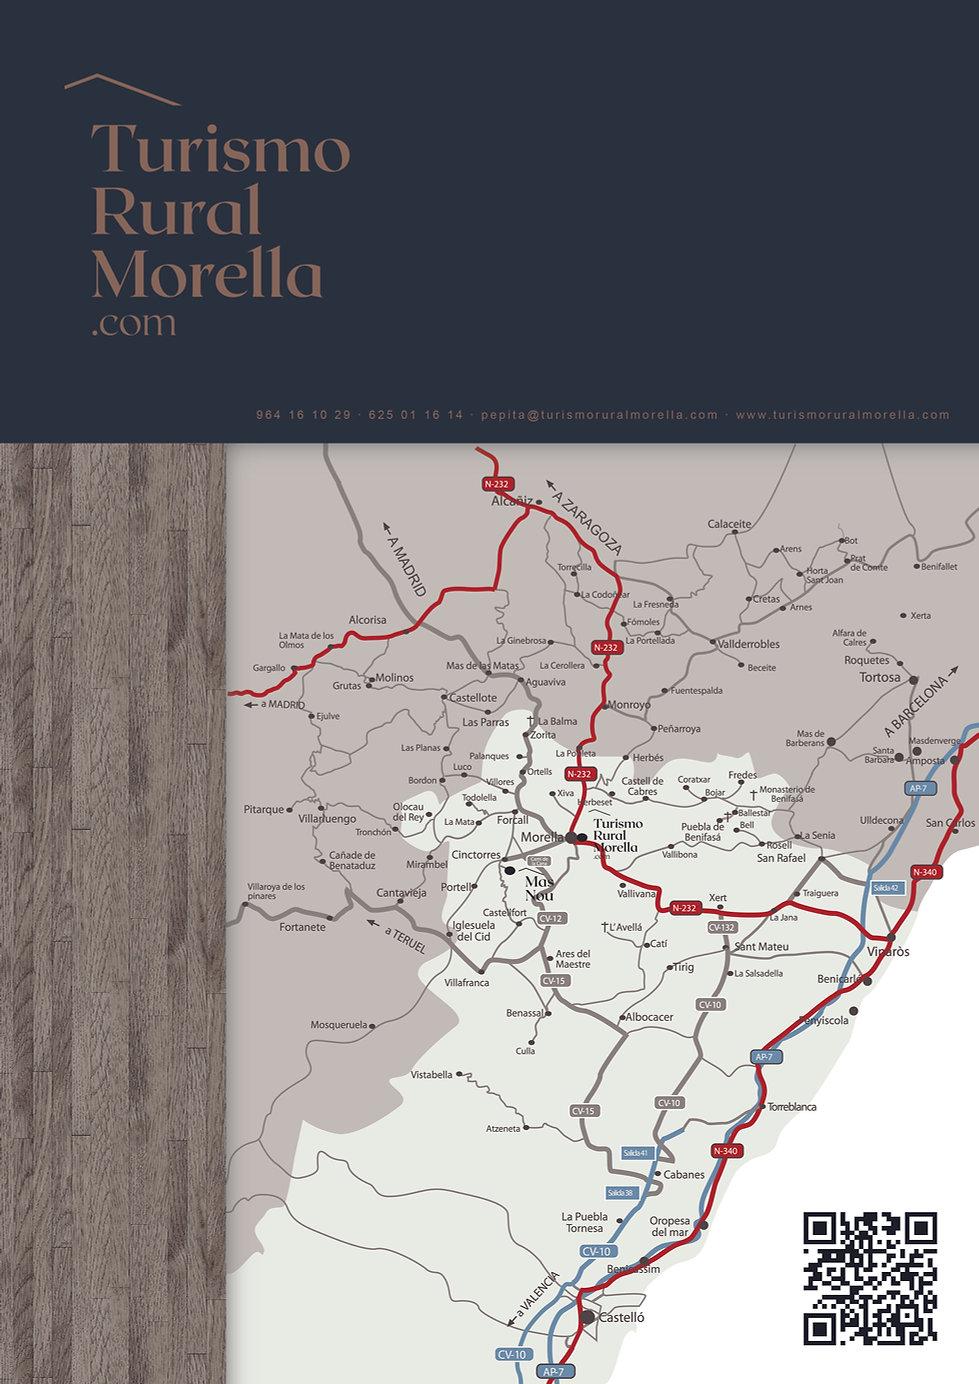 FOLLETO RUTES mapa_web.jpg